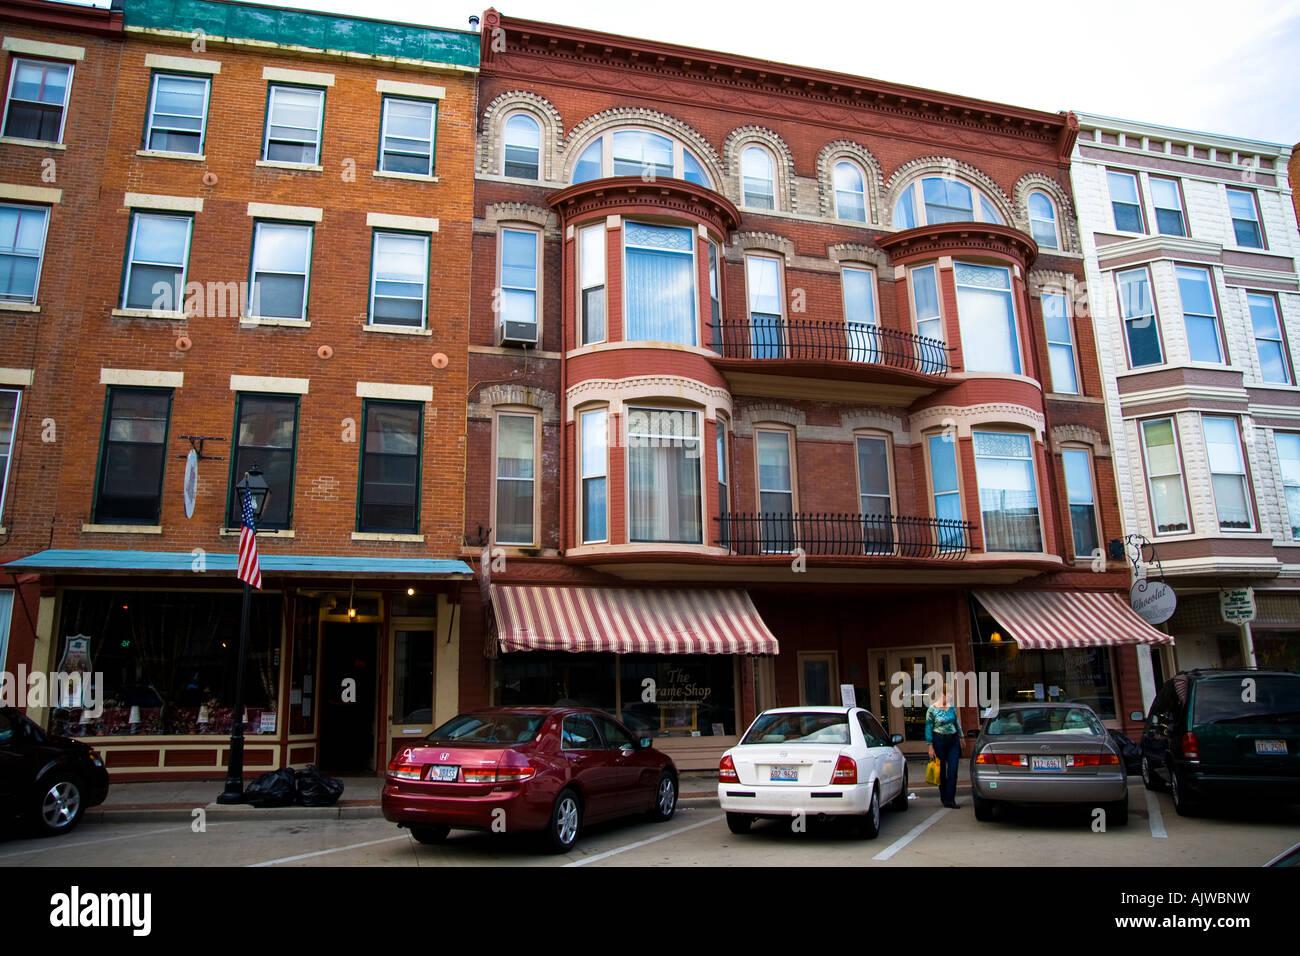 Galena Illinois Main Street Shops And Restaurants Stock Photo